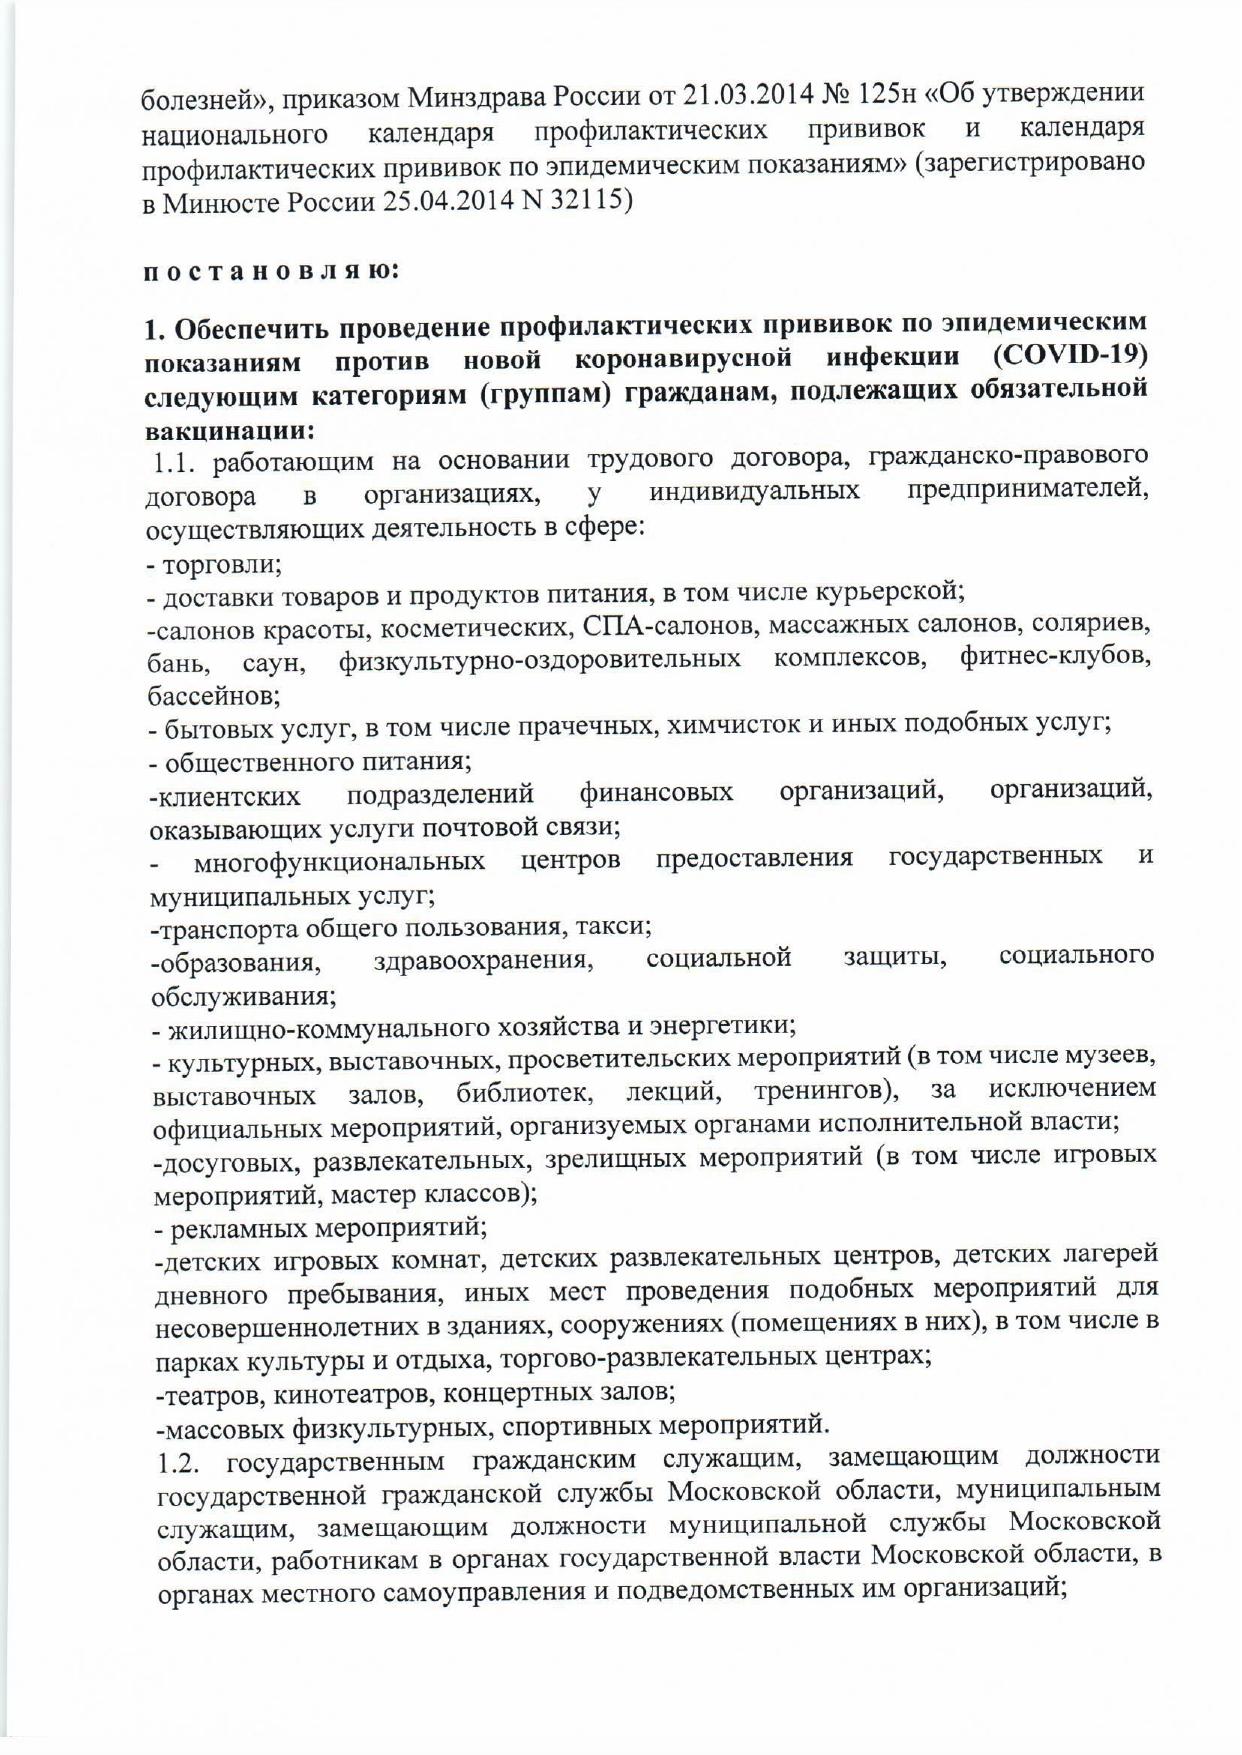 Постановление об обязательной вакцинации в Московской области (МО) № 6 от 11 октября 2021 года (11.10.2021) 2